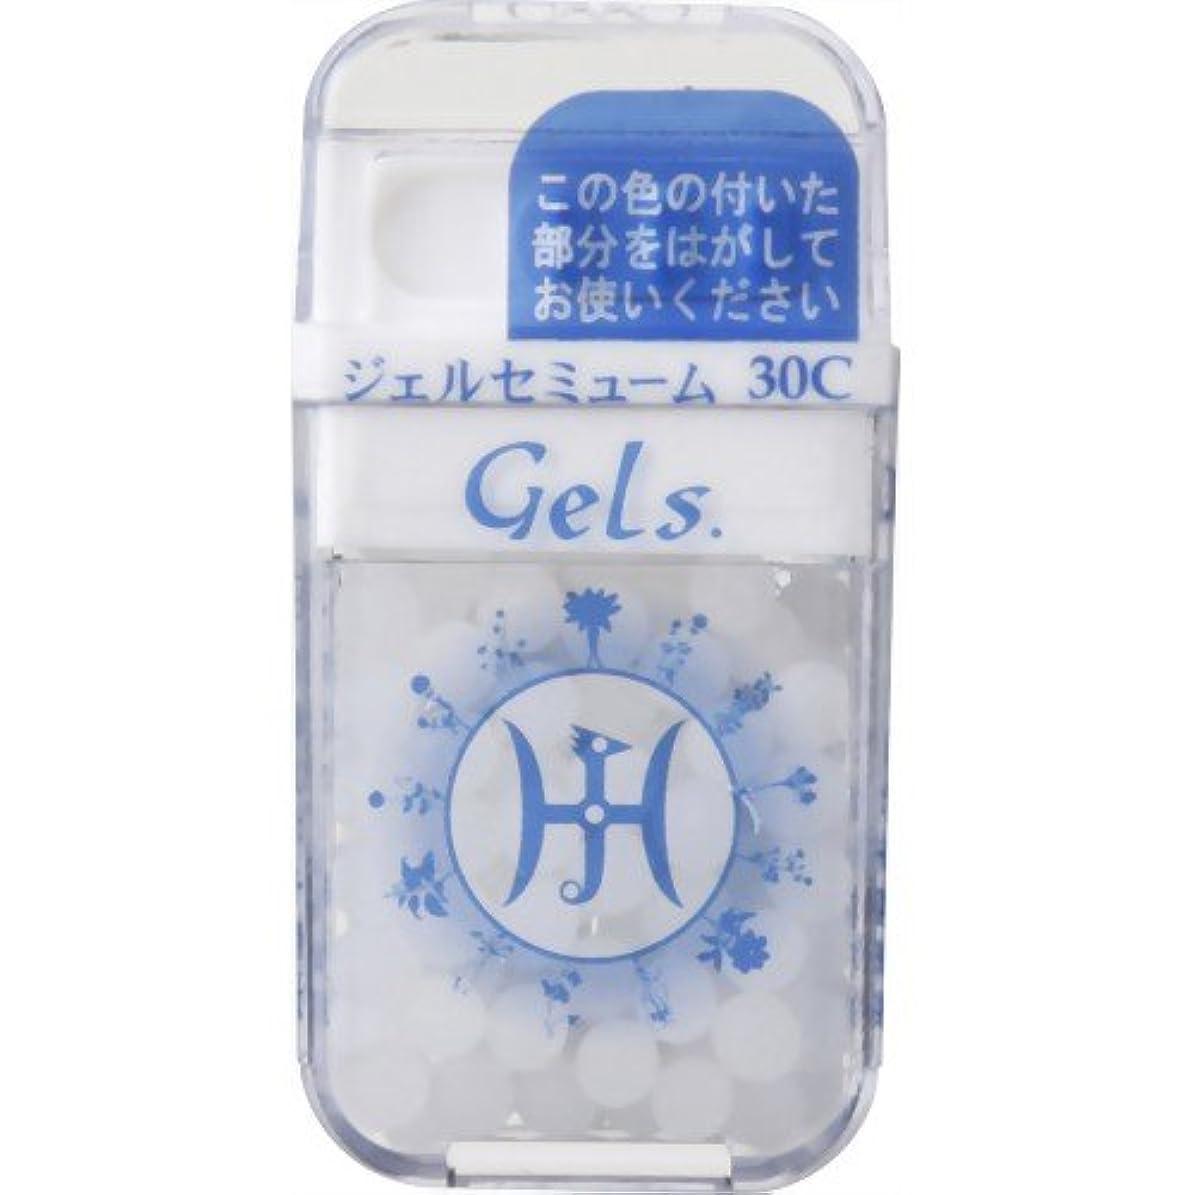 おしゃれじゃない是正段落ホメオパシージャパンレメディー Gels.  ジェルセミューム 30C (大ビン)